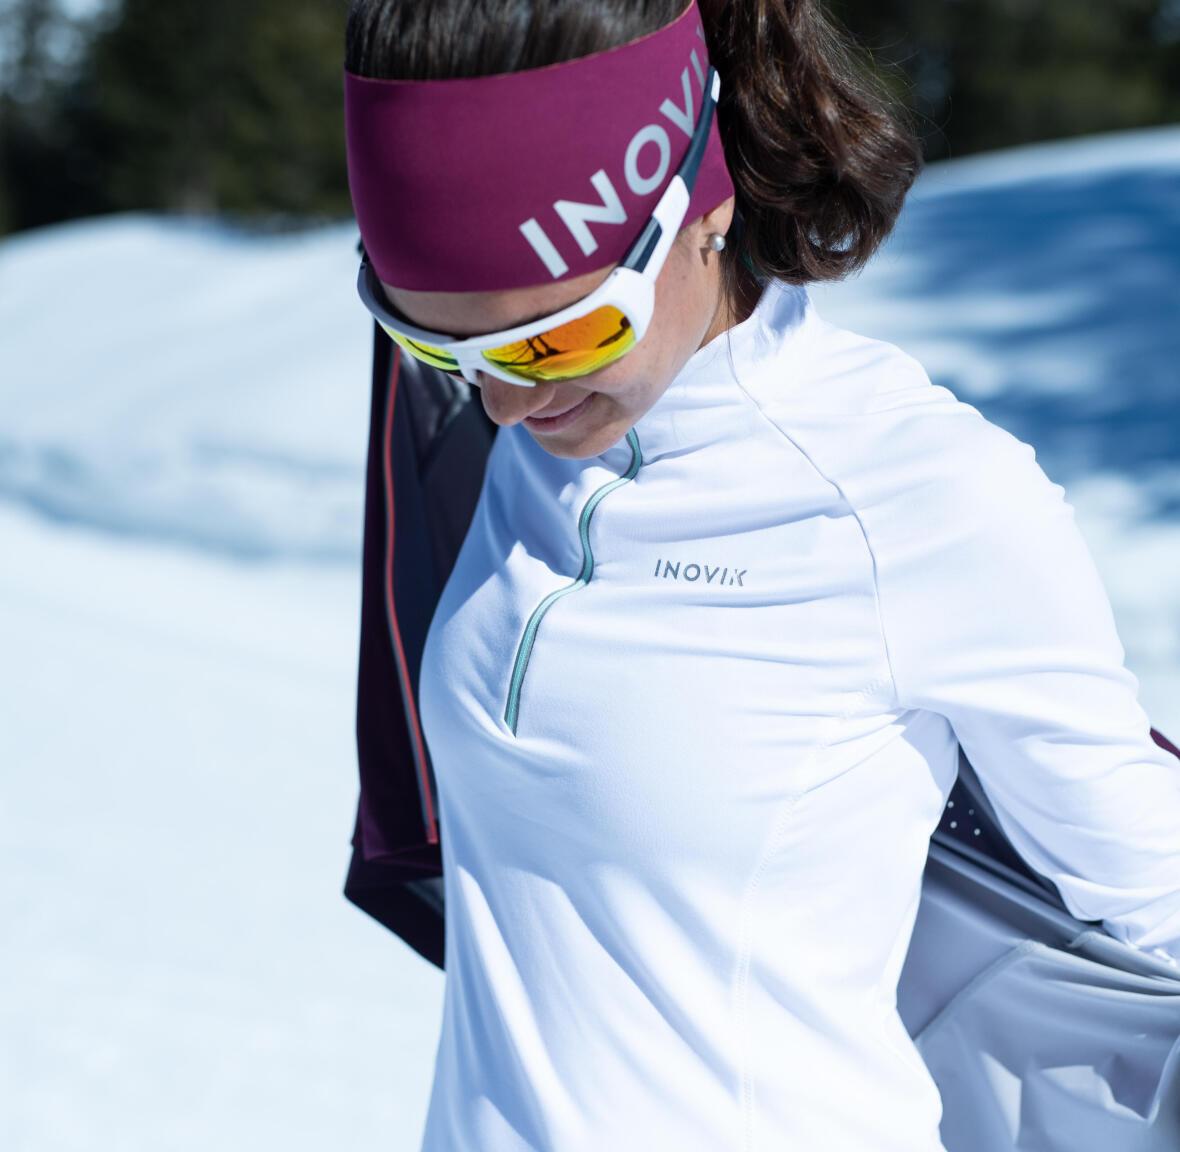 femme qui enlève son manteau de ski de fond